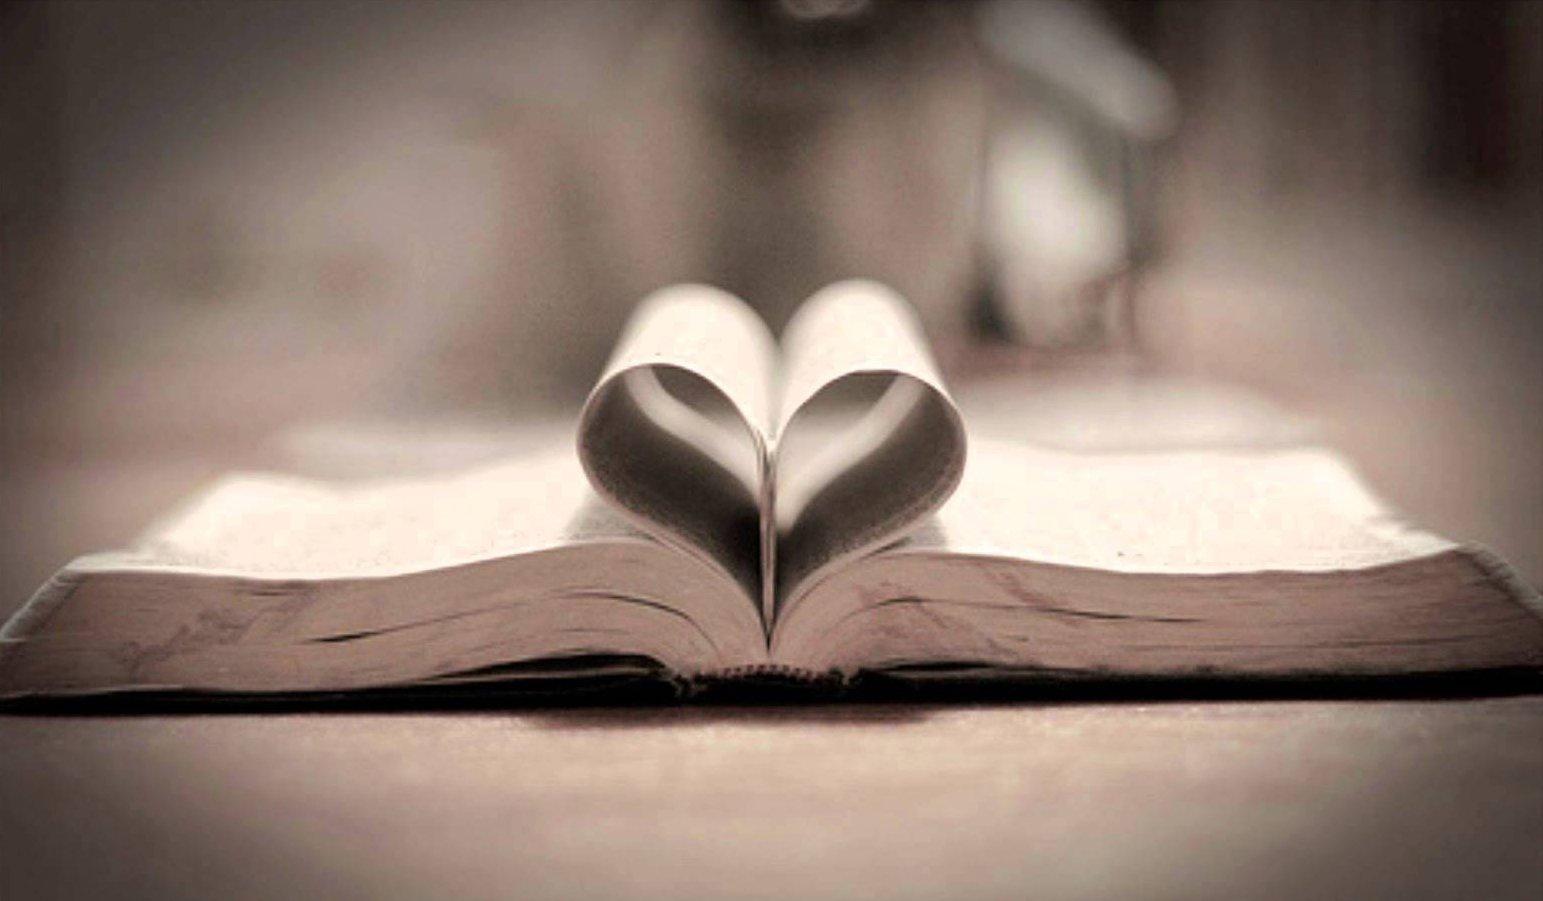 """Hierdie boek beklemtoon God se onveranderlike liefde vir Israel: """"Ek het julle liefgehad"""" (Maleági 1:2) in kombinasie met """"Ek, die HERE, het nie verander nie"""" (Maleági 3:6)."""